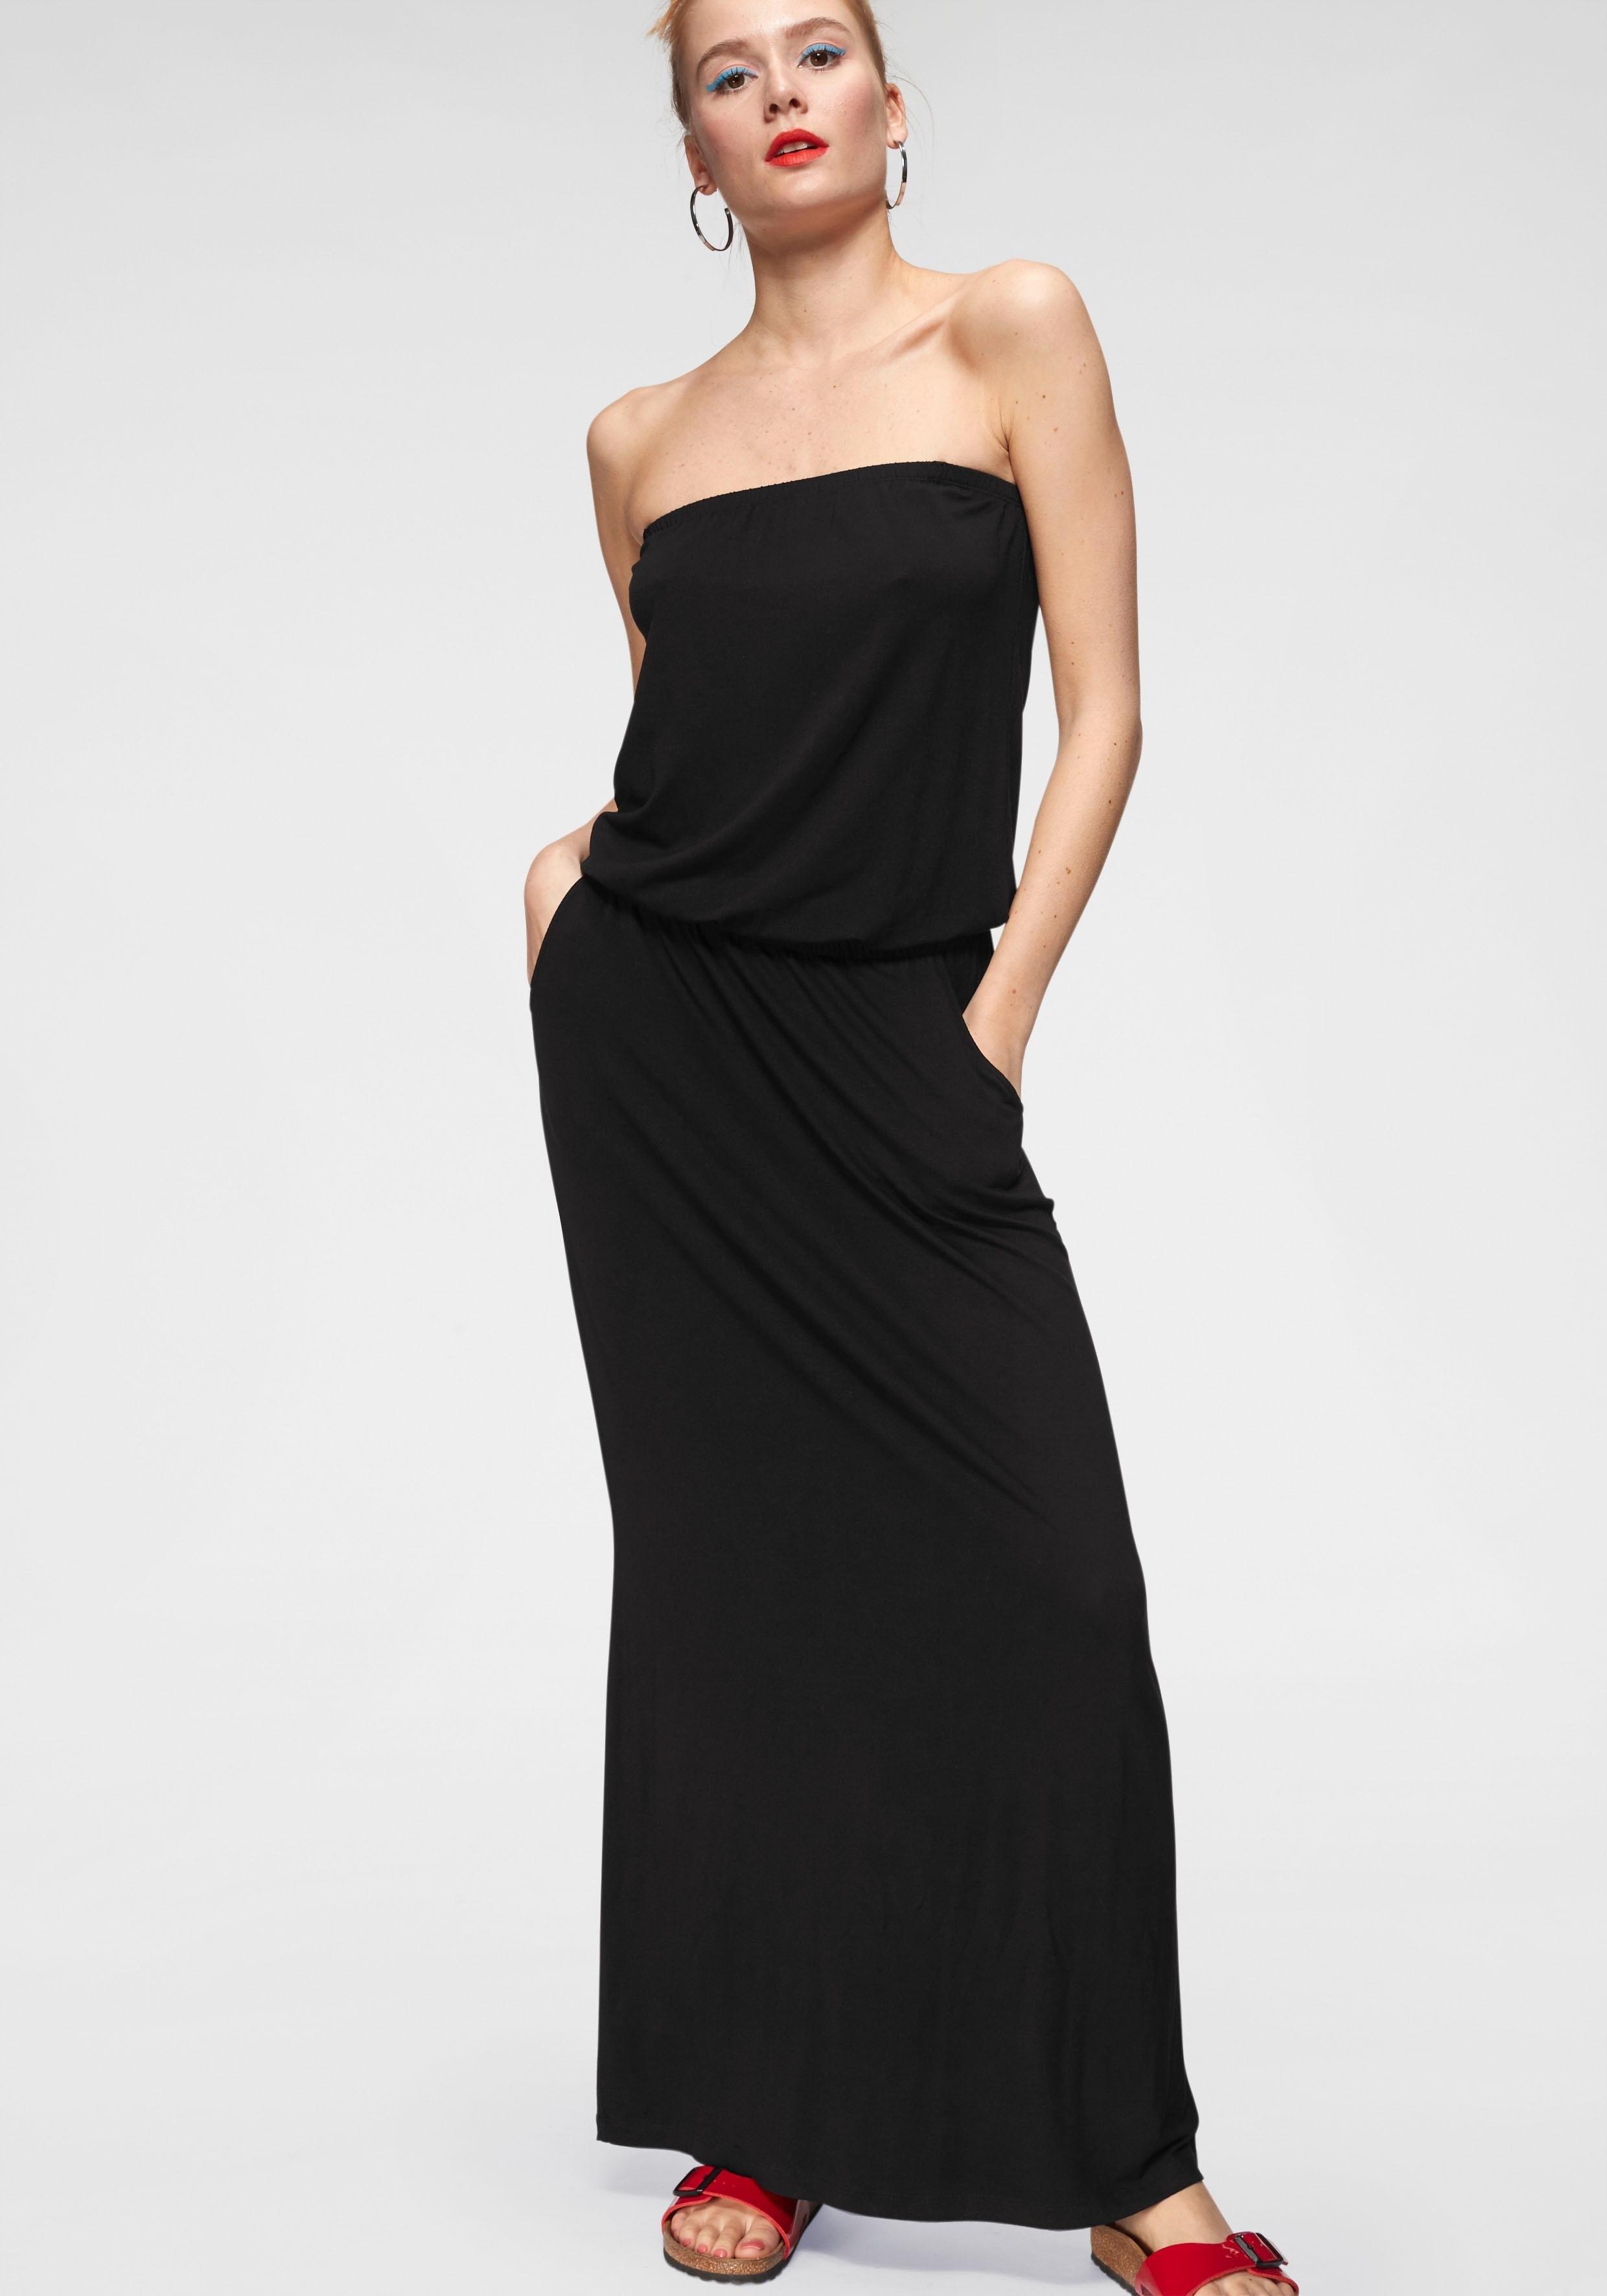 779de89e21c142 Strapless jurk online bestellen  Vind je jurk hier